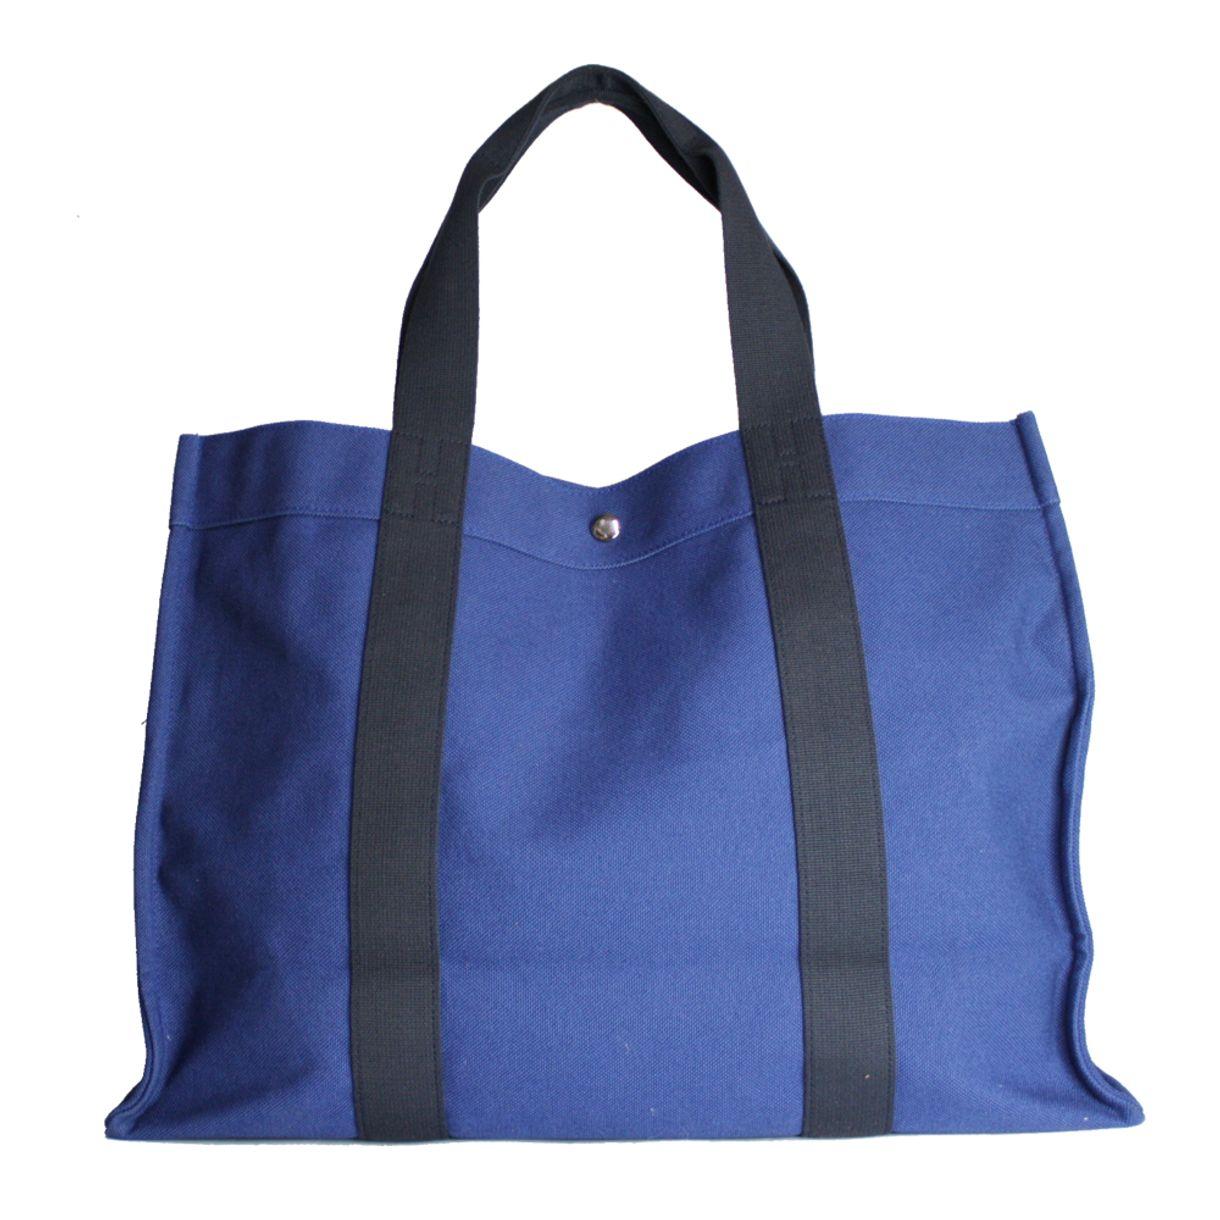 Bolsa-de-Praia-Hermes-Azul-Marinho-Beach-Bag